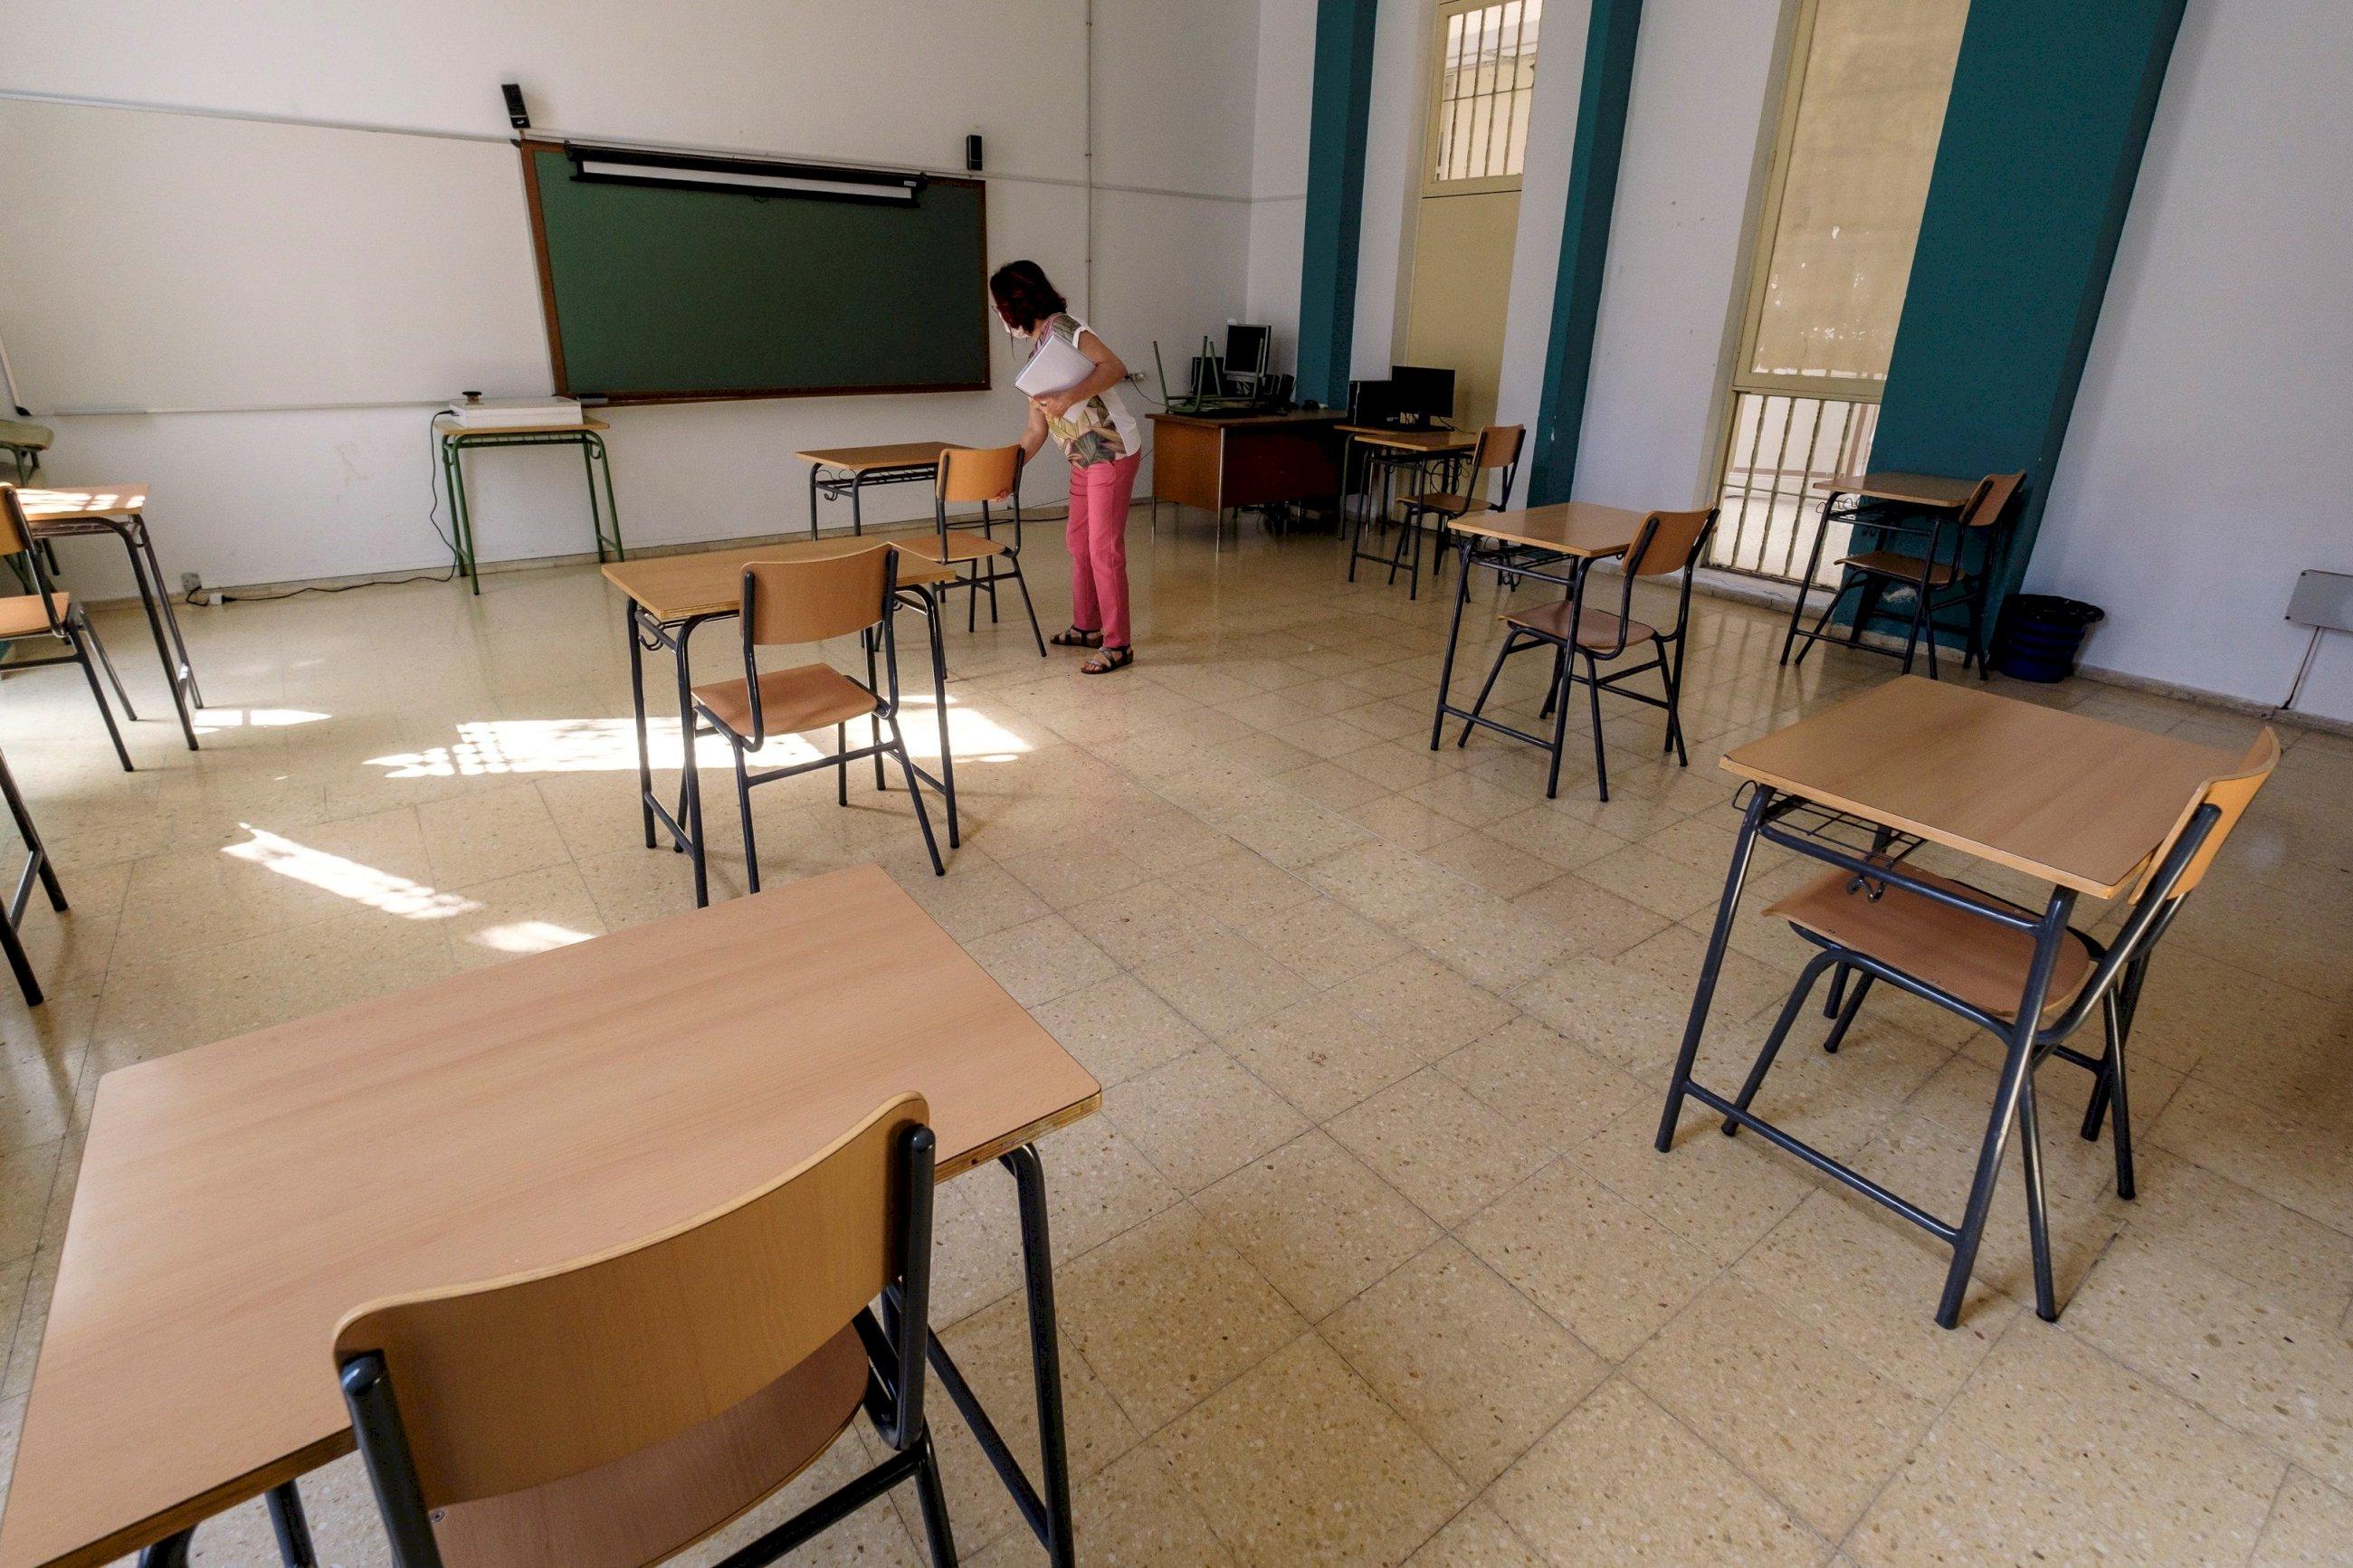 Separación de las mesas en un colegio. EFE.